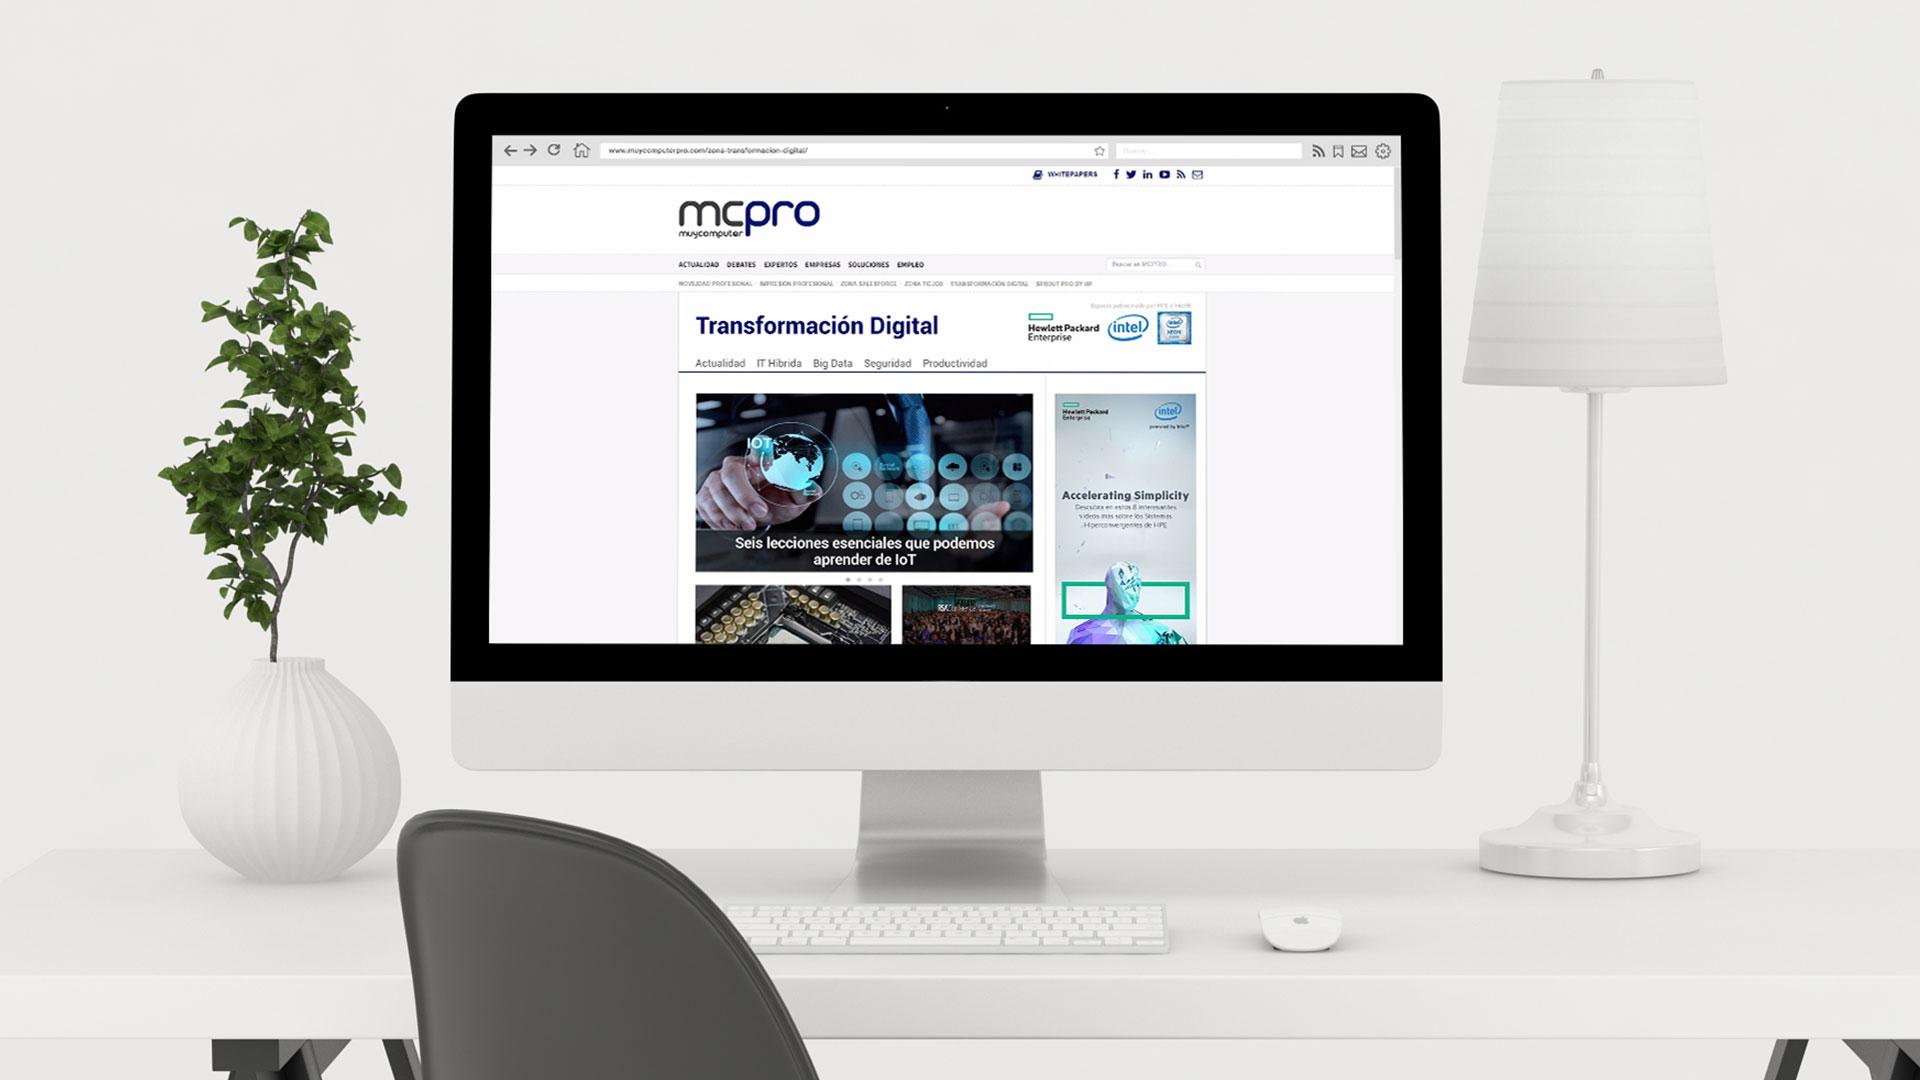 zona-hp-transformacion-digital-content-marketing-web-patrocinio-01